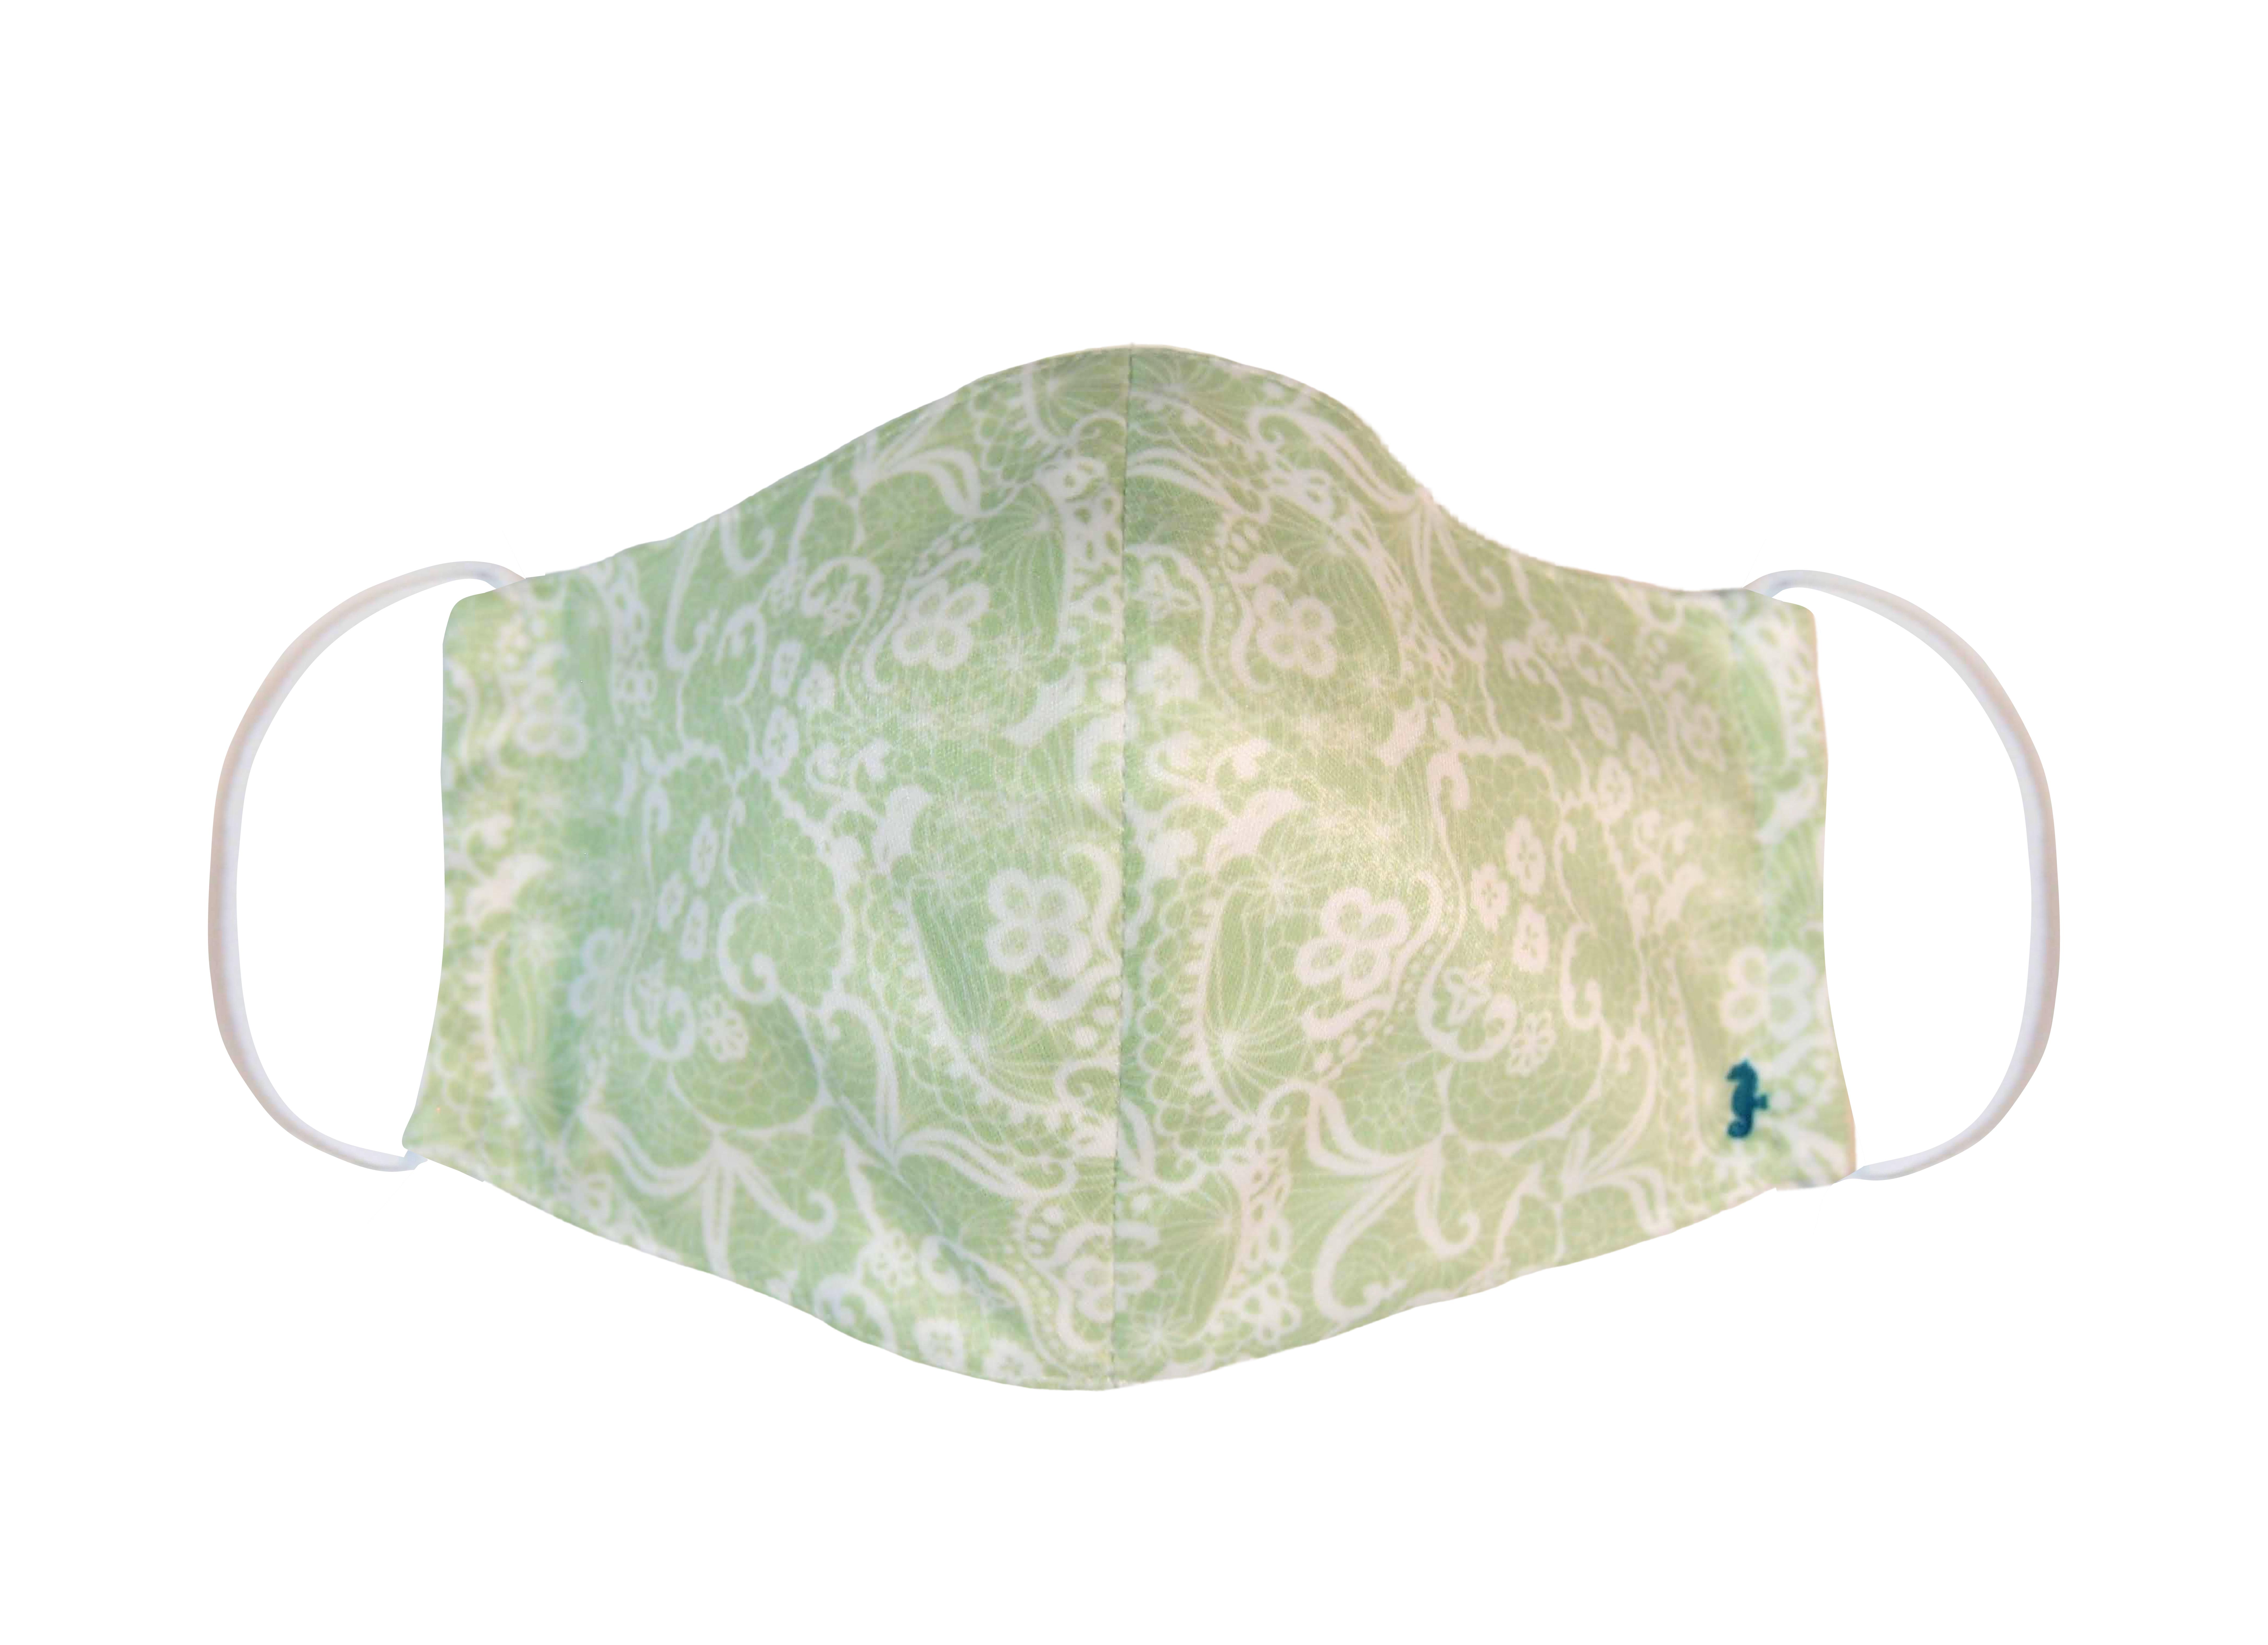 ファッション マスク レースプリント ペパーミントグリーン 立体マスク